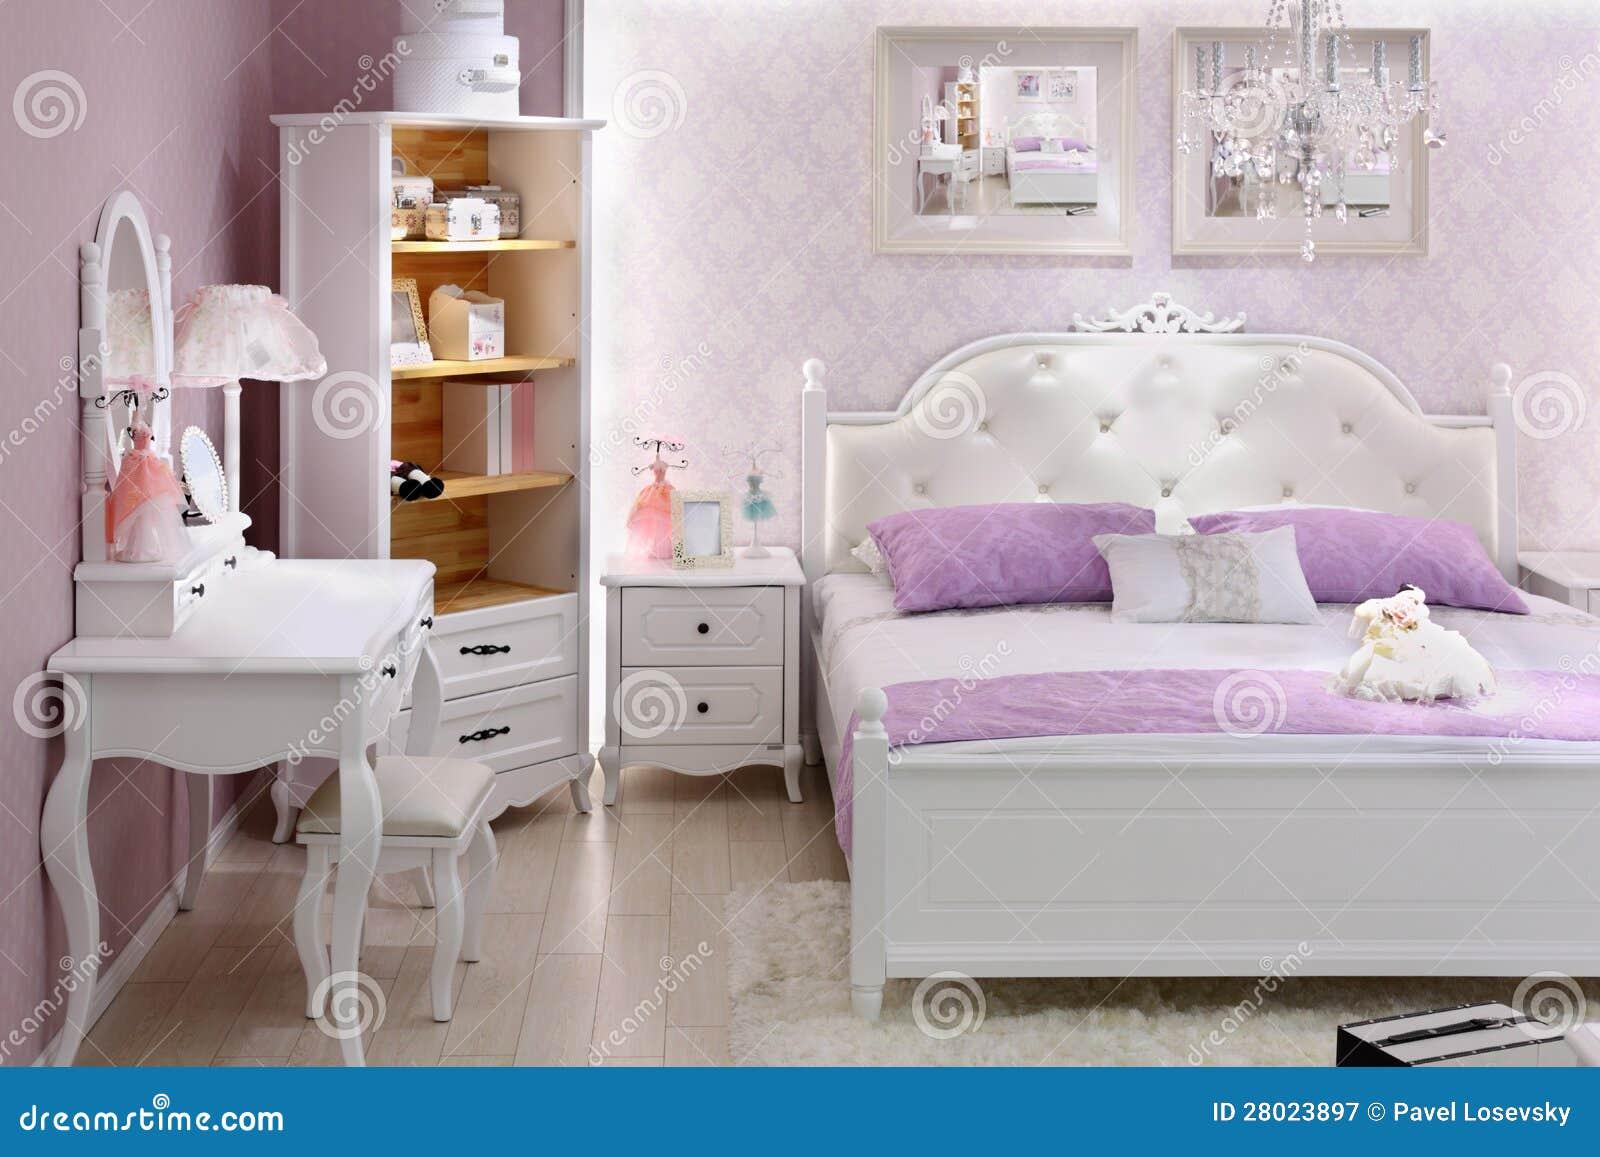 ... Libera da Diritti: Camera da letto lilla alla moda con la doppia base